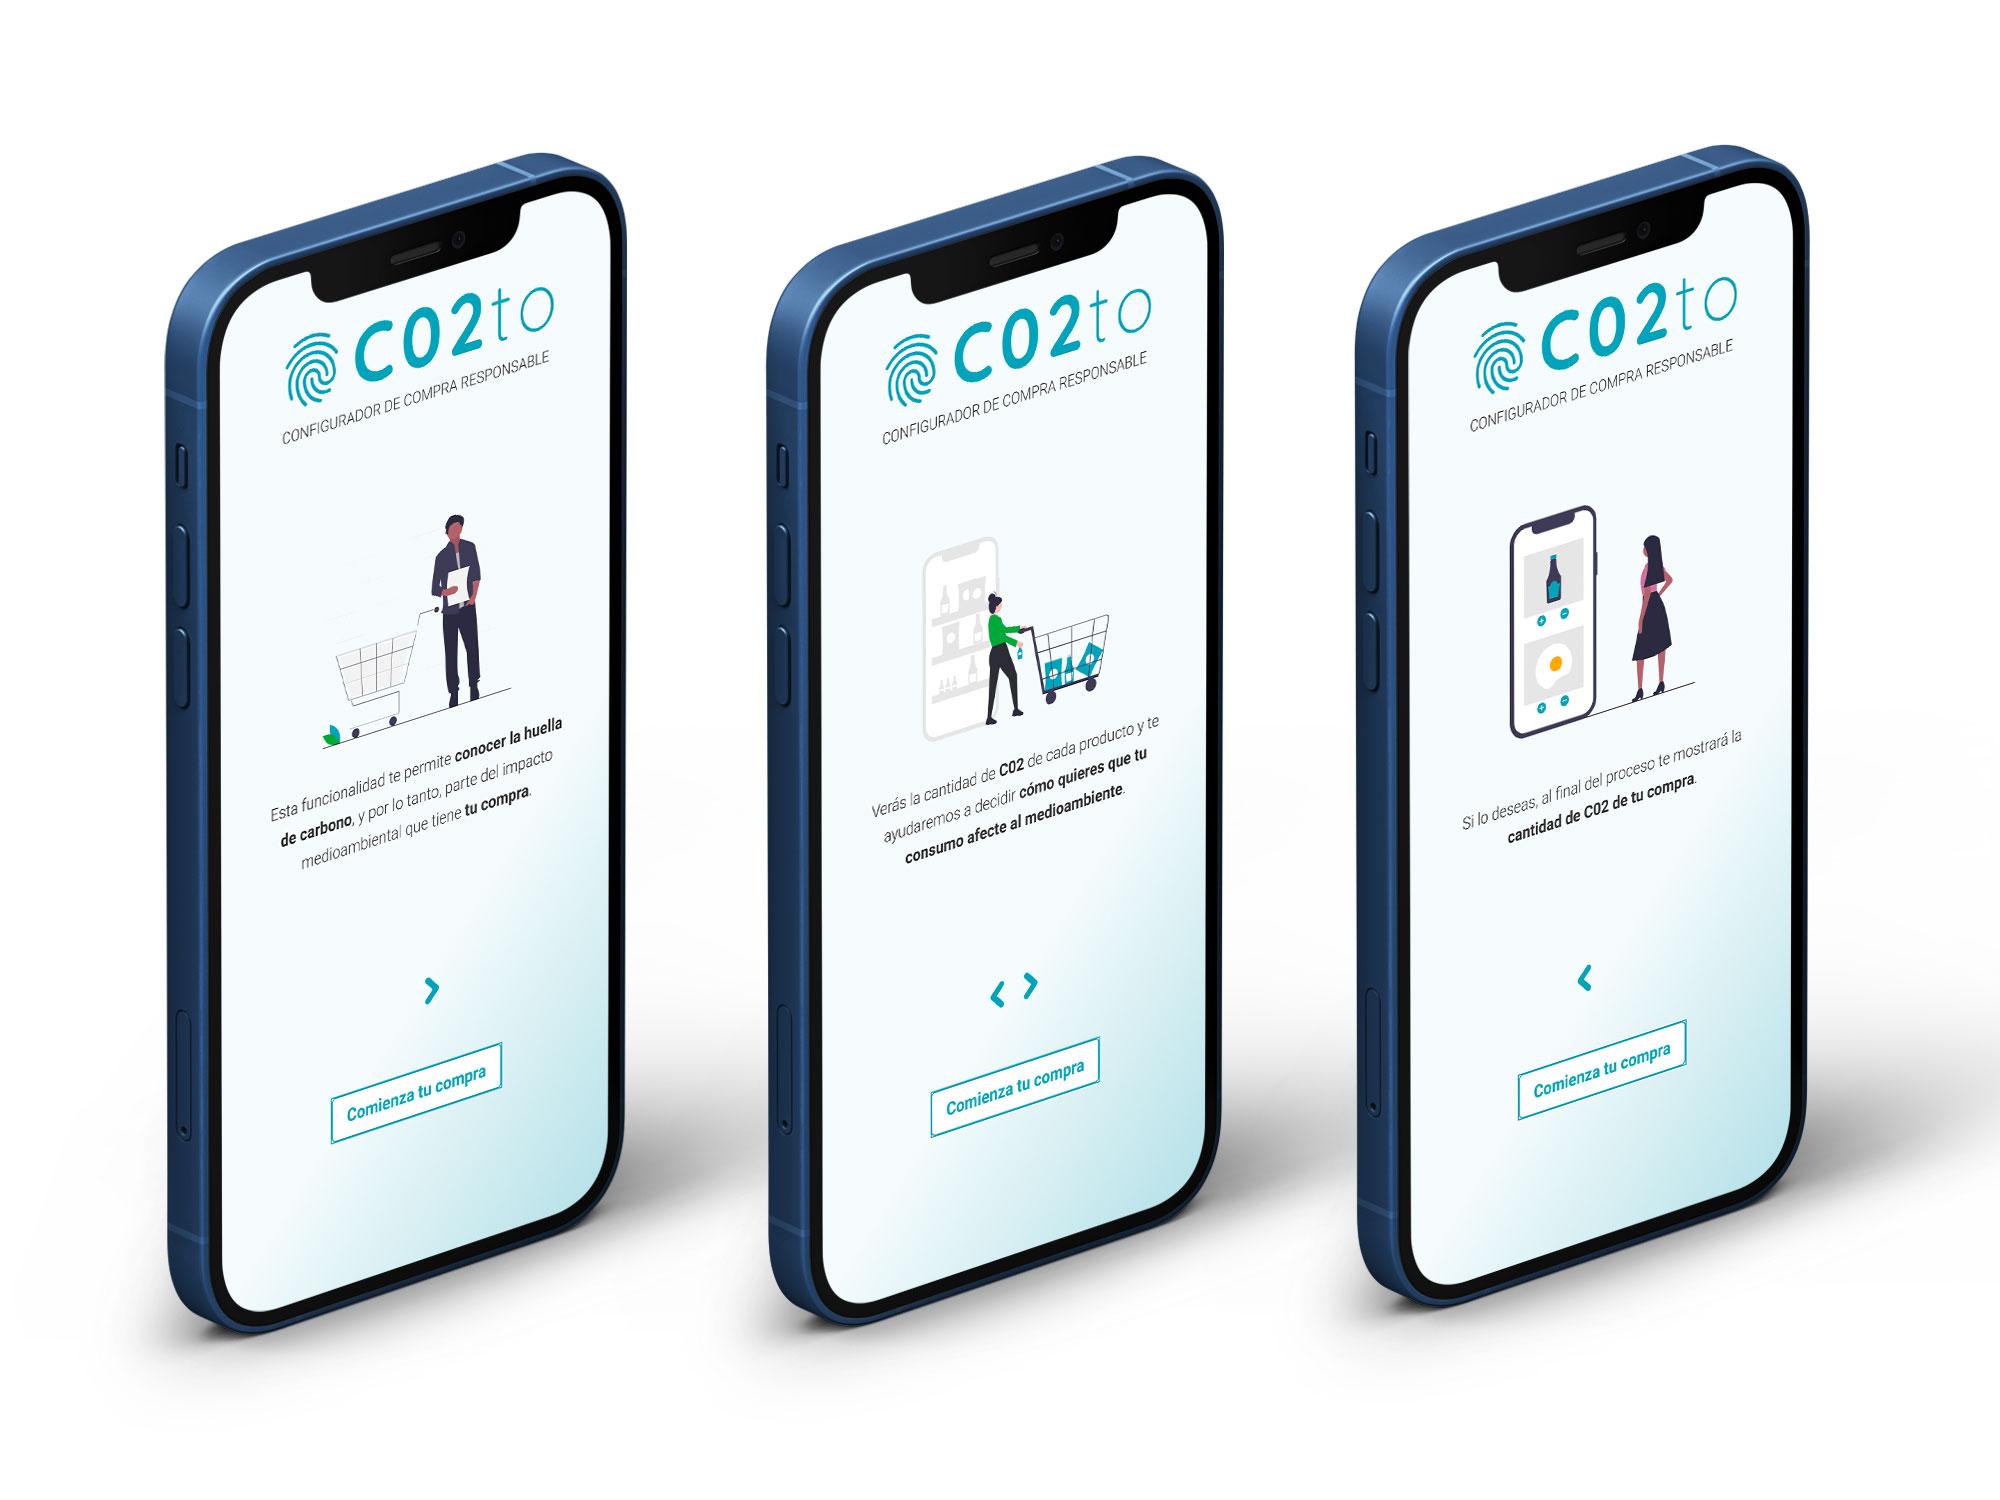 CO2to: Configurador de compra responsable